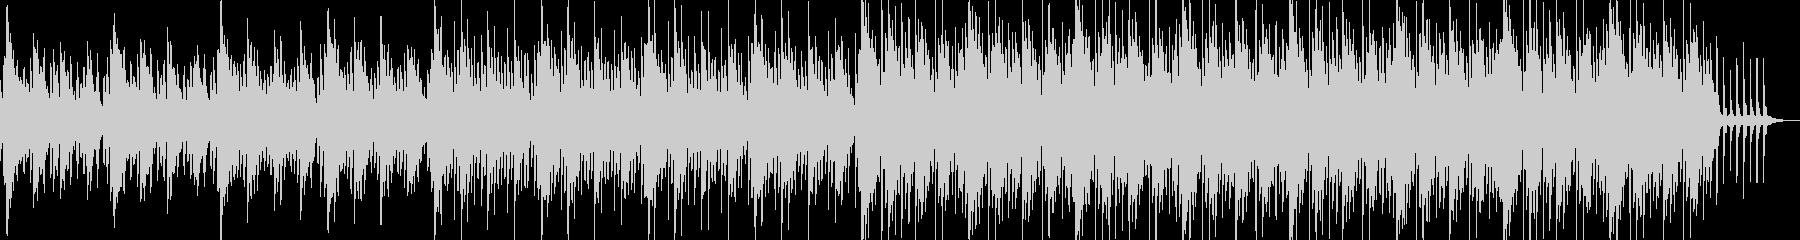 ポップで可愛らしい雰囲気のBGMの未再生の波形